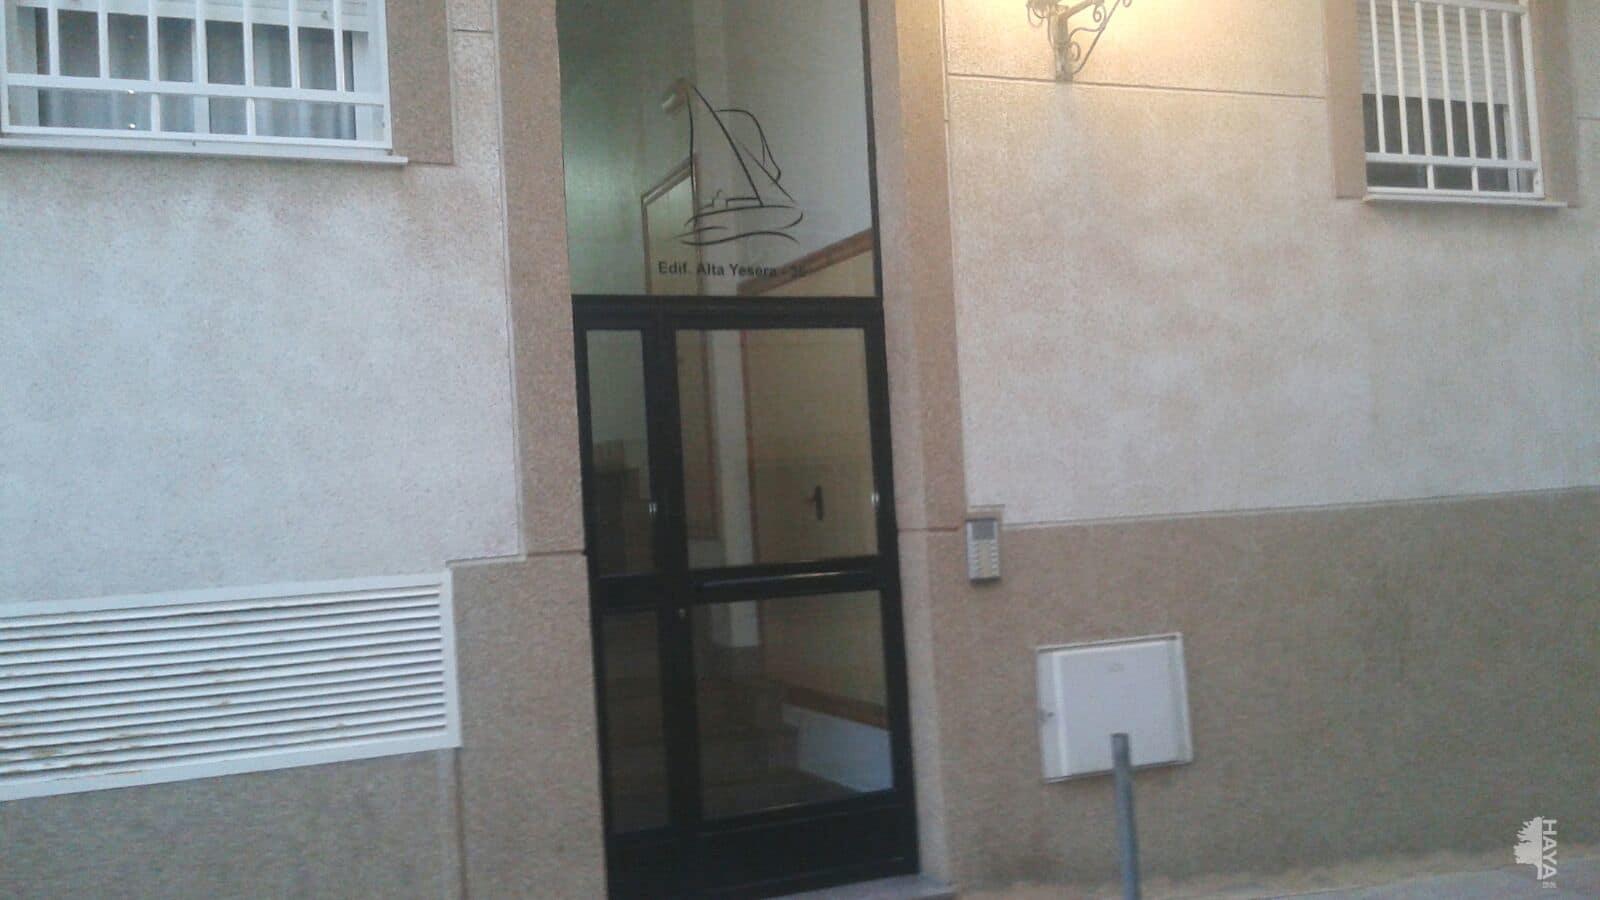 Piso en venta en Almería, Almería, Calle Alta Yesera, 97.100 €, 3 habitaciones, 1 baño, 150 m2